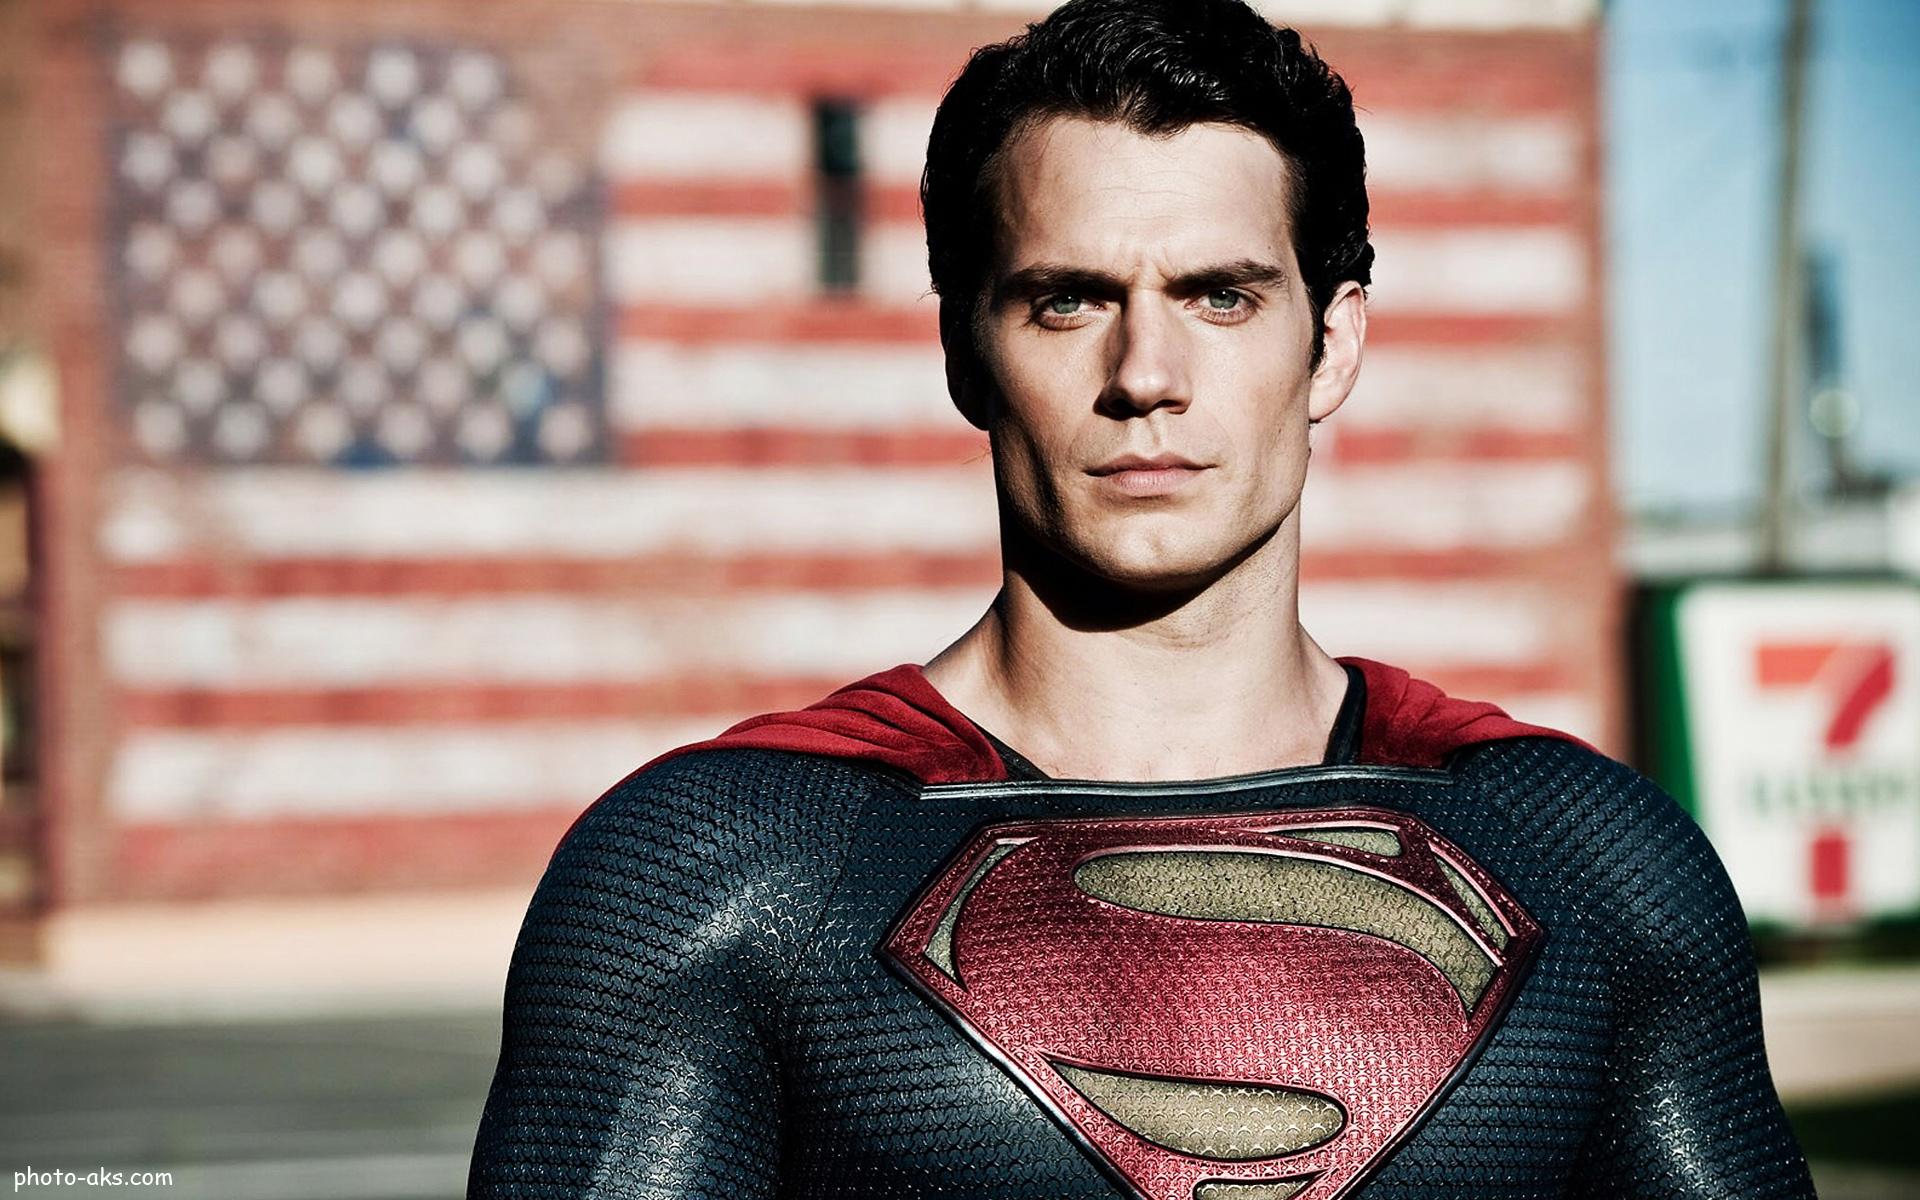 کامئوی سوپرمن در فیلم شزم | آیا شاهد بازیگر جدید نقش سوپرمن هستیم؟